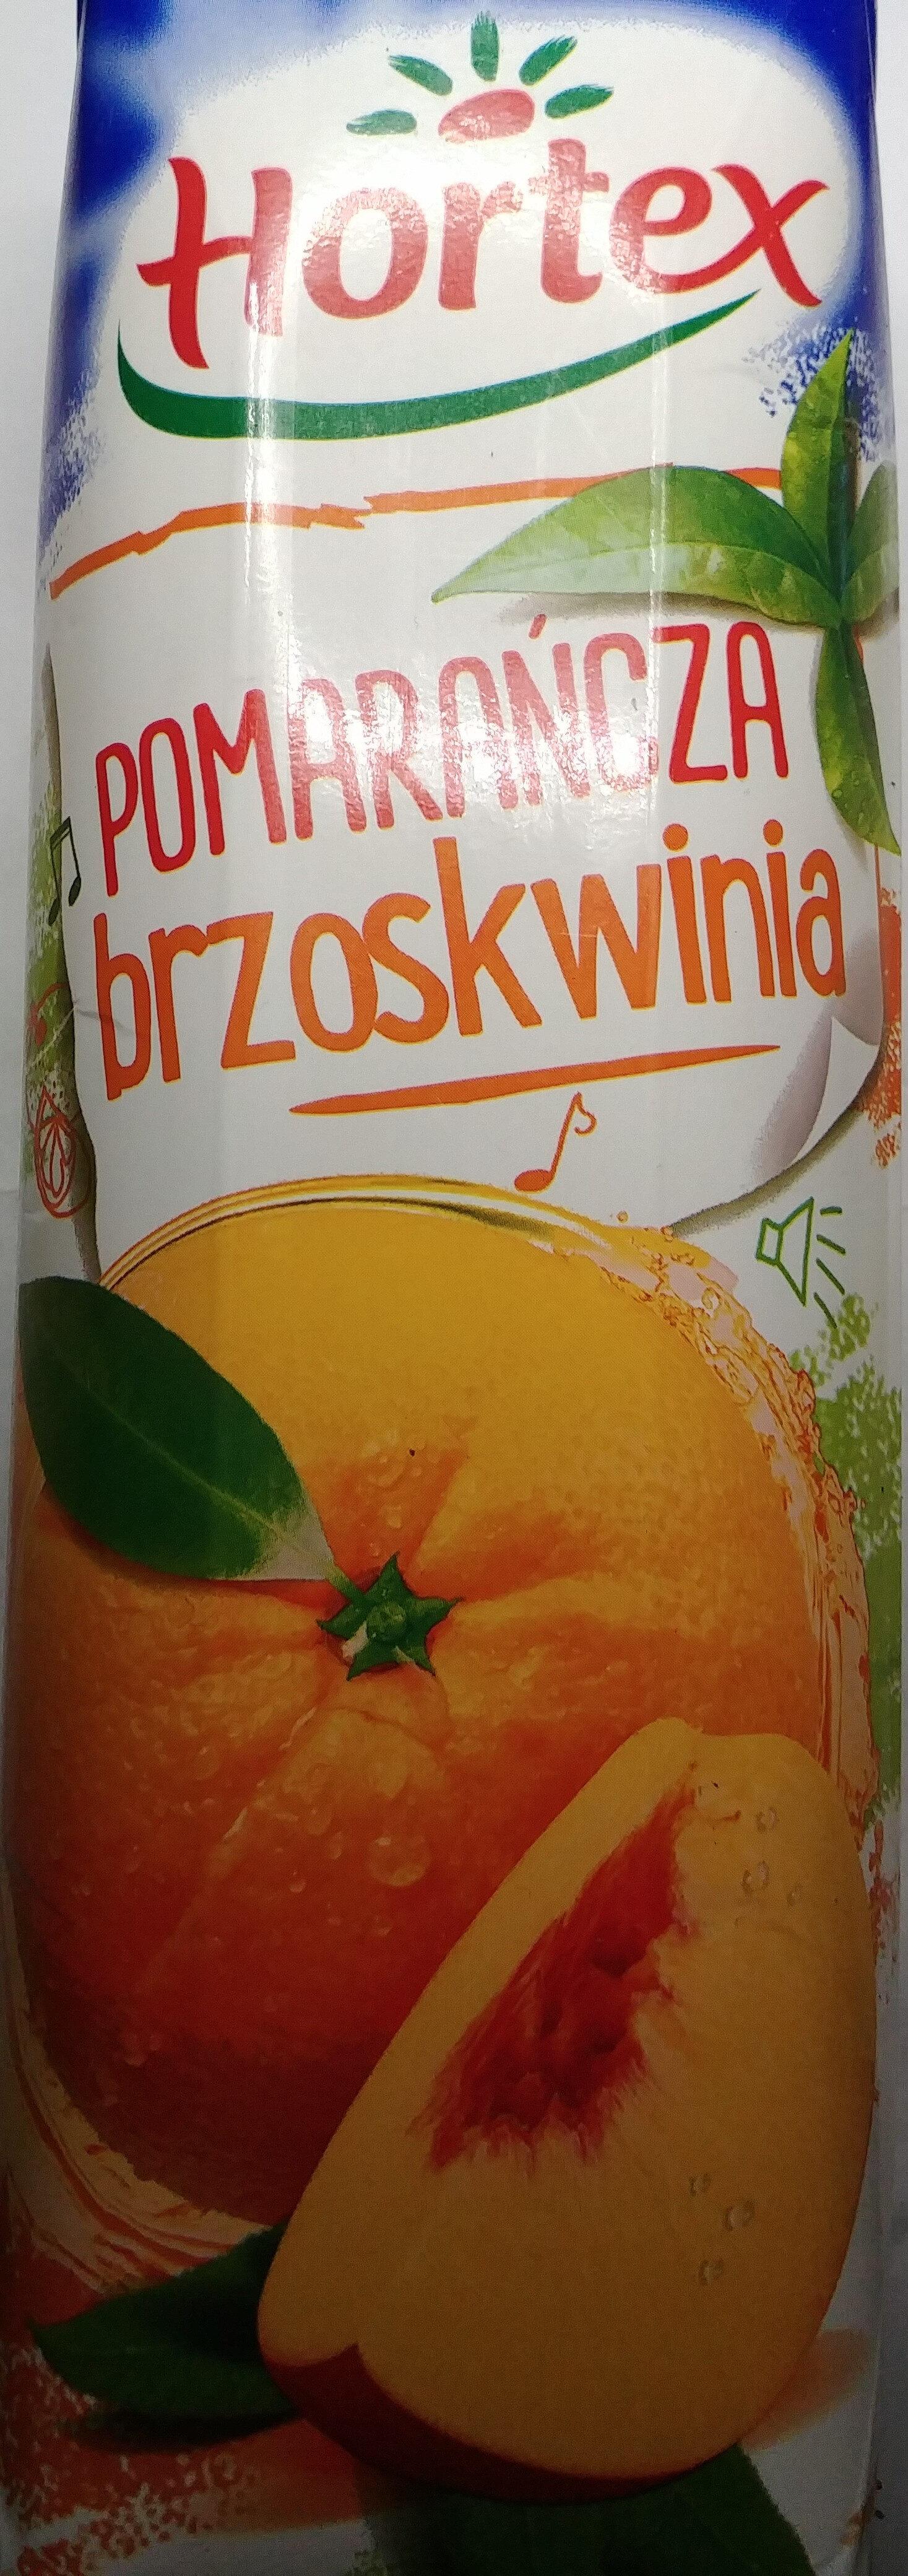 Napój pomarańczowo-brzoskwiniowy - Produkt - pl